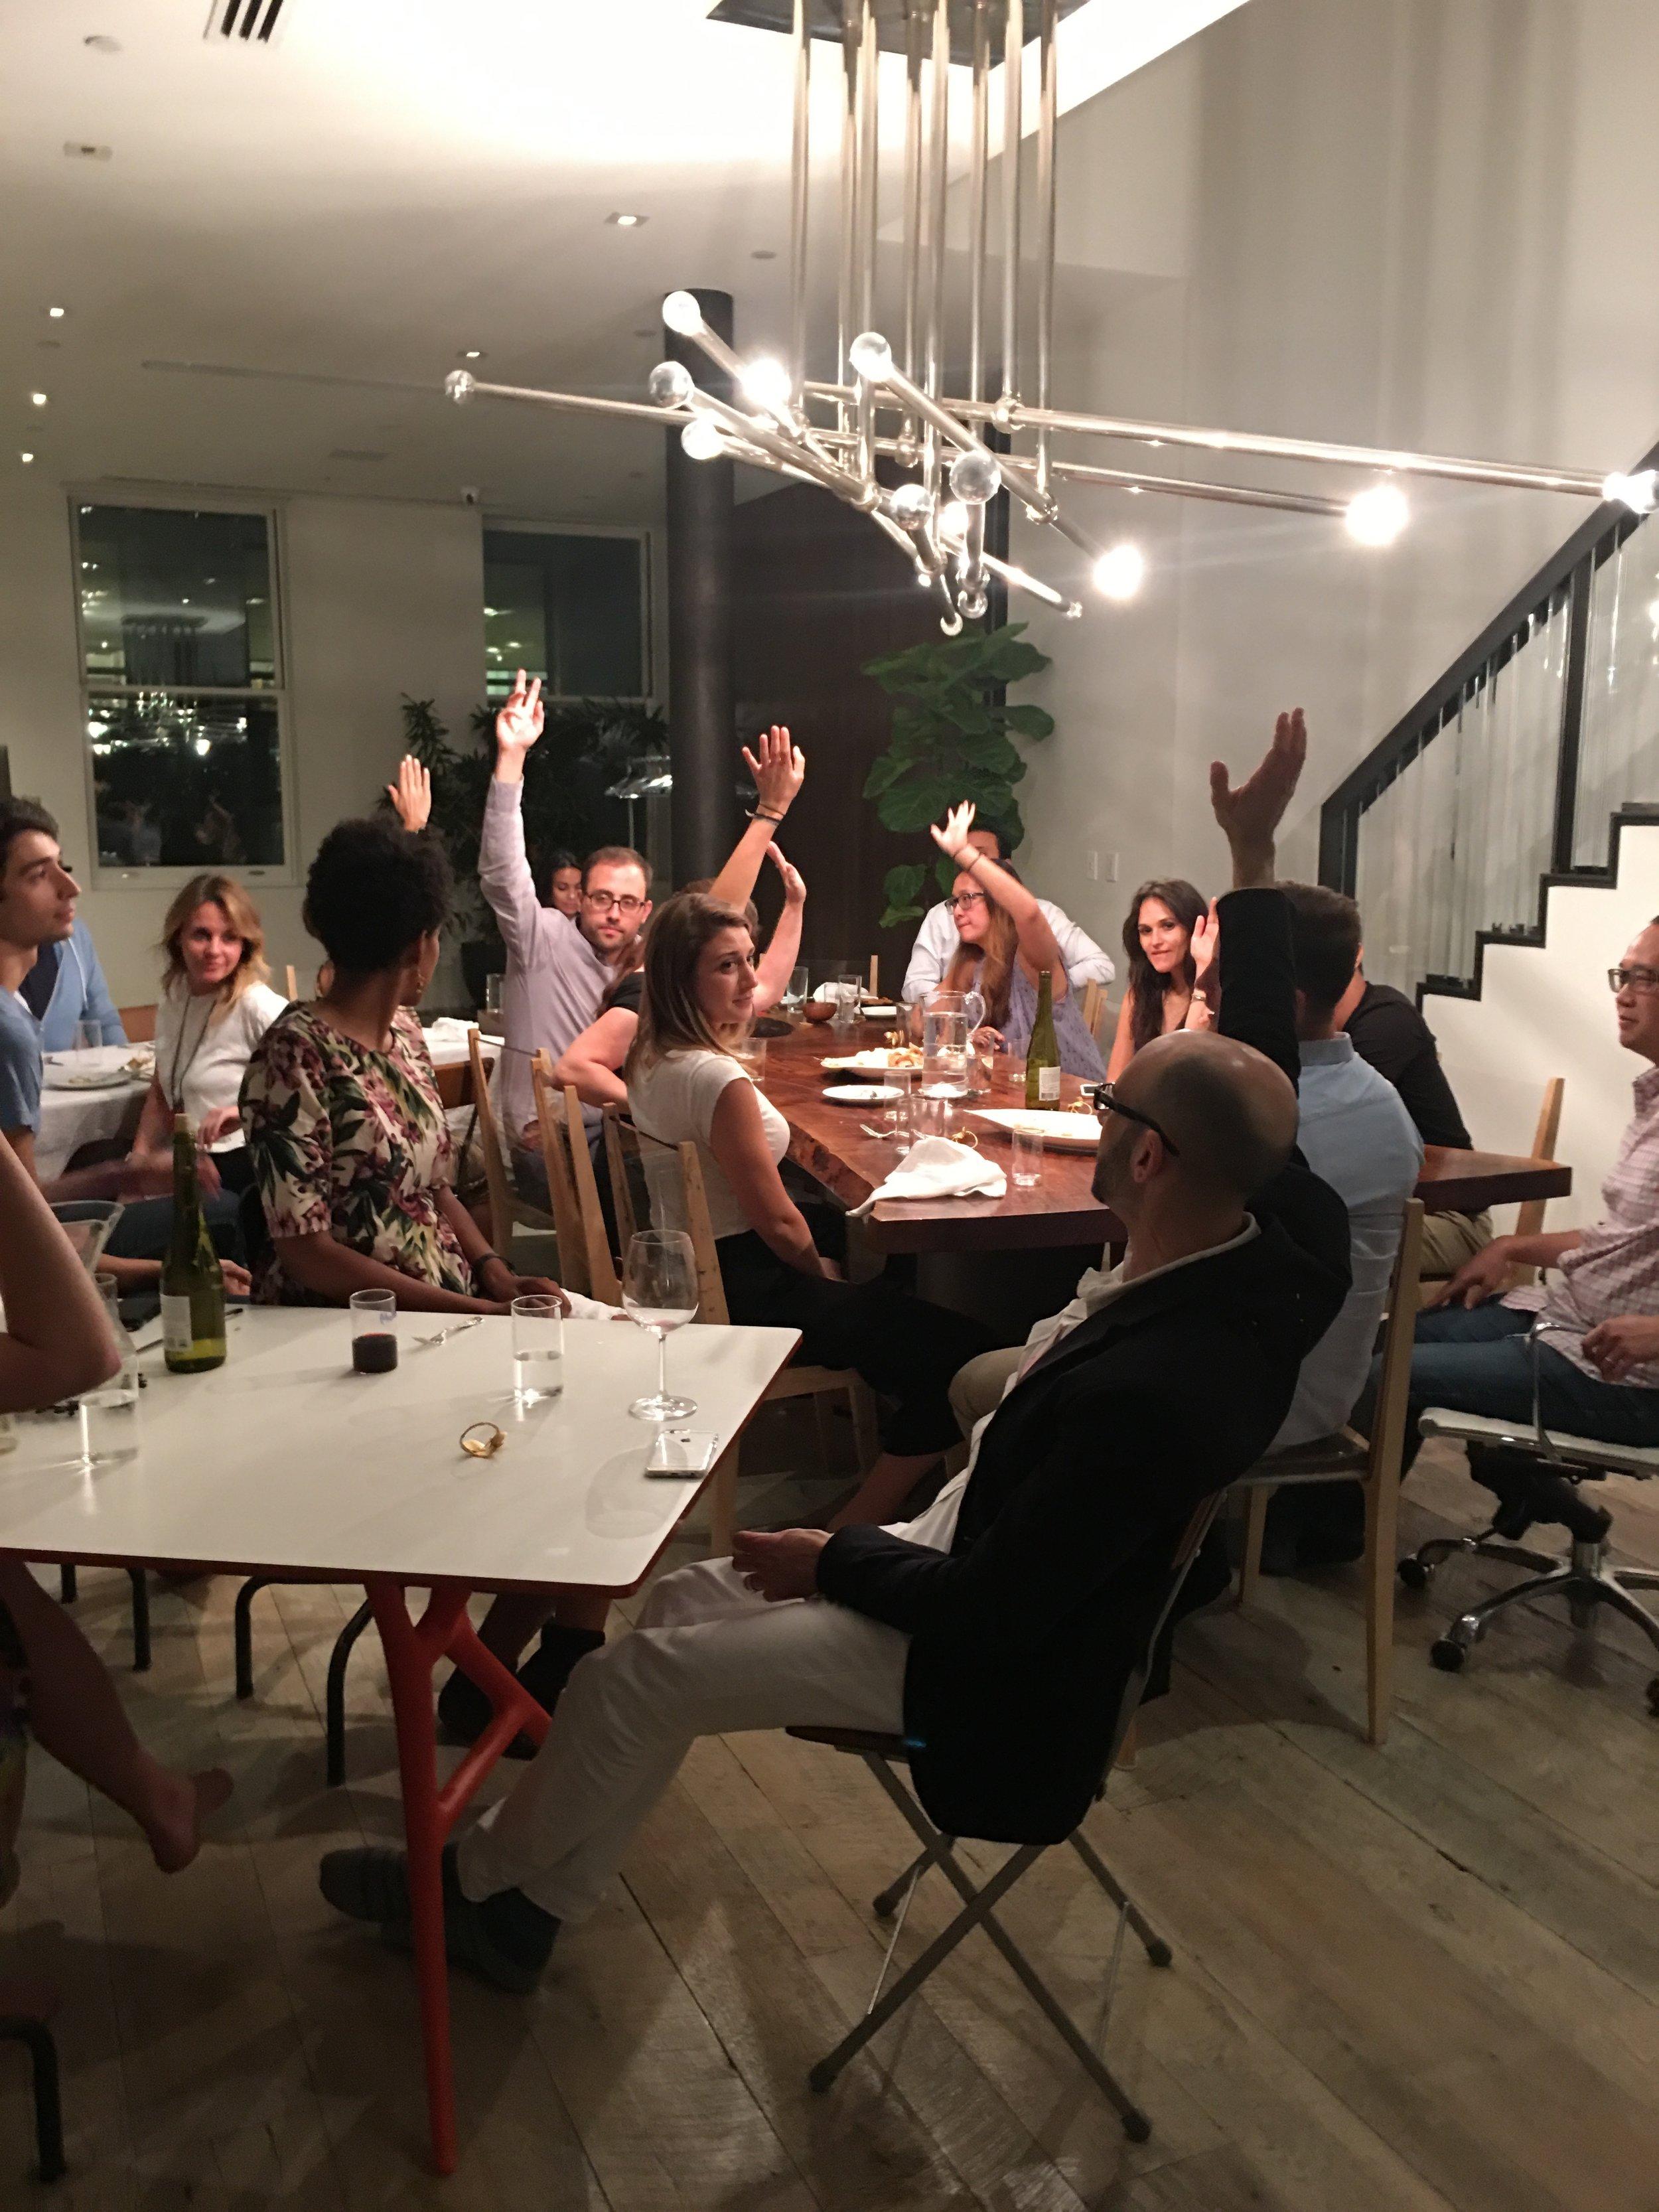 Team Death raises their hands.